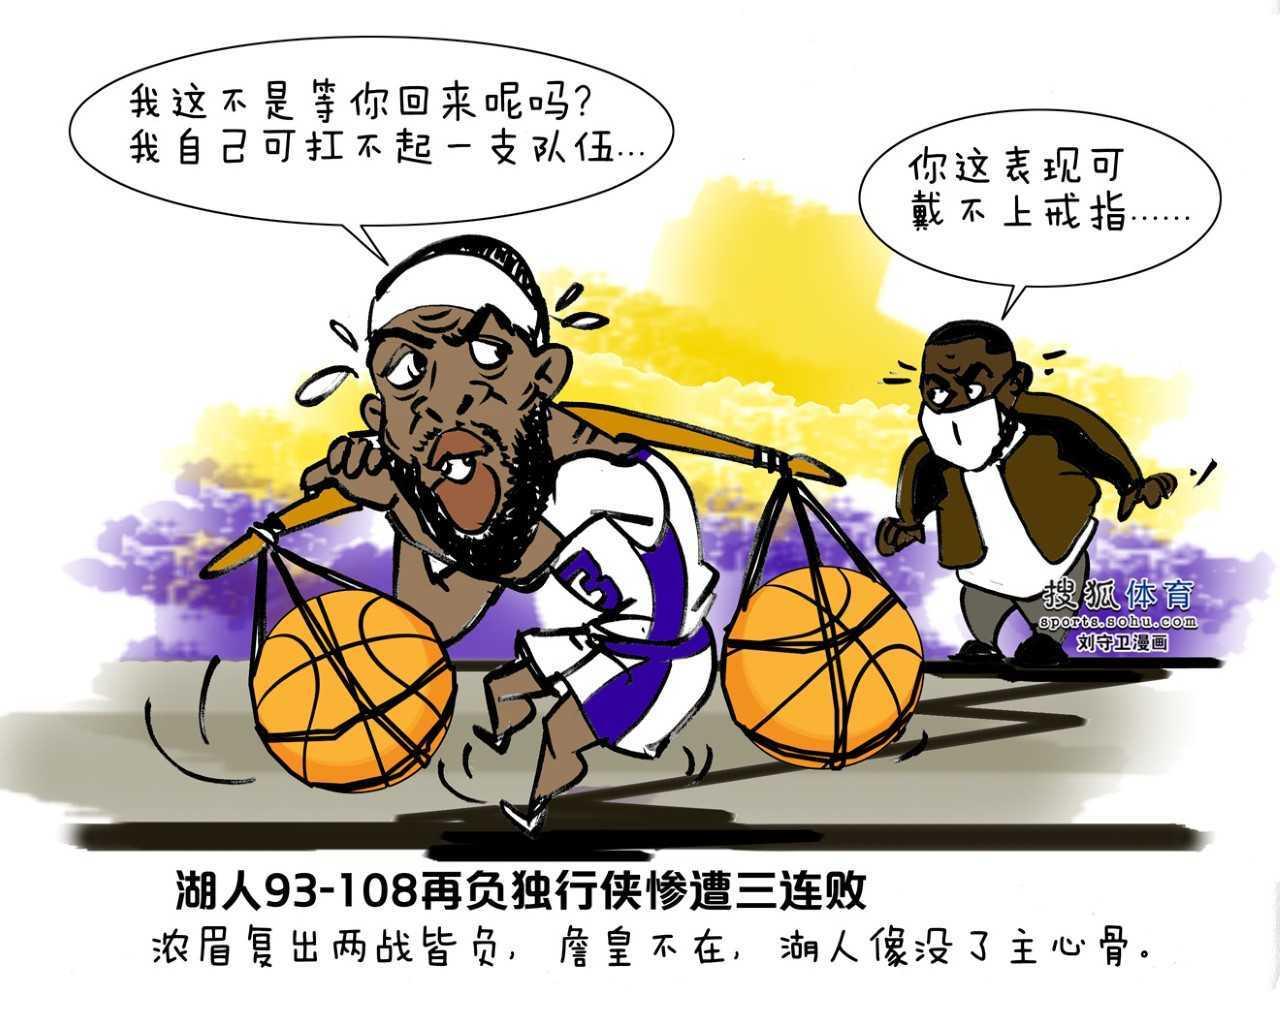 NBA漫画:浓眉扛不起球队?湖人遭遇三连败